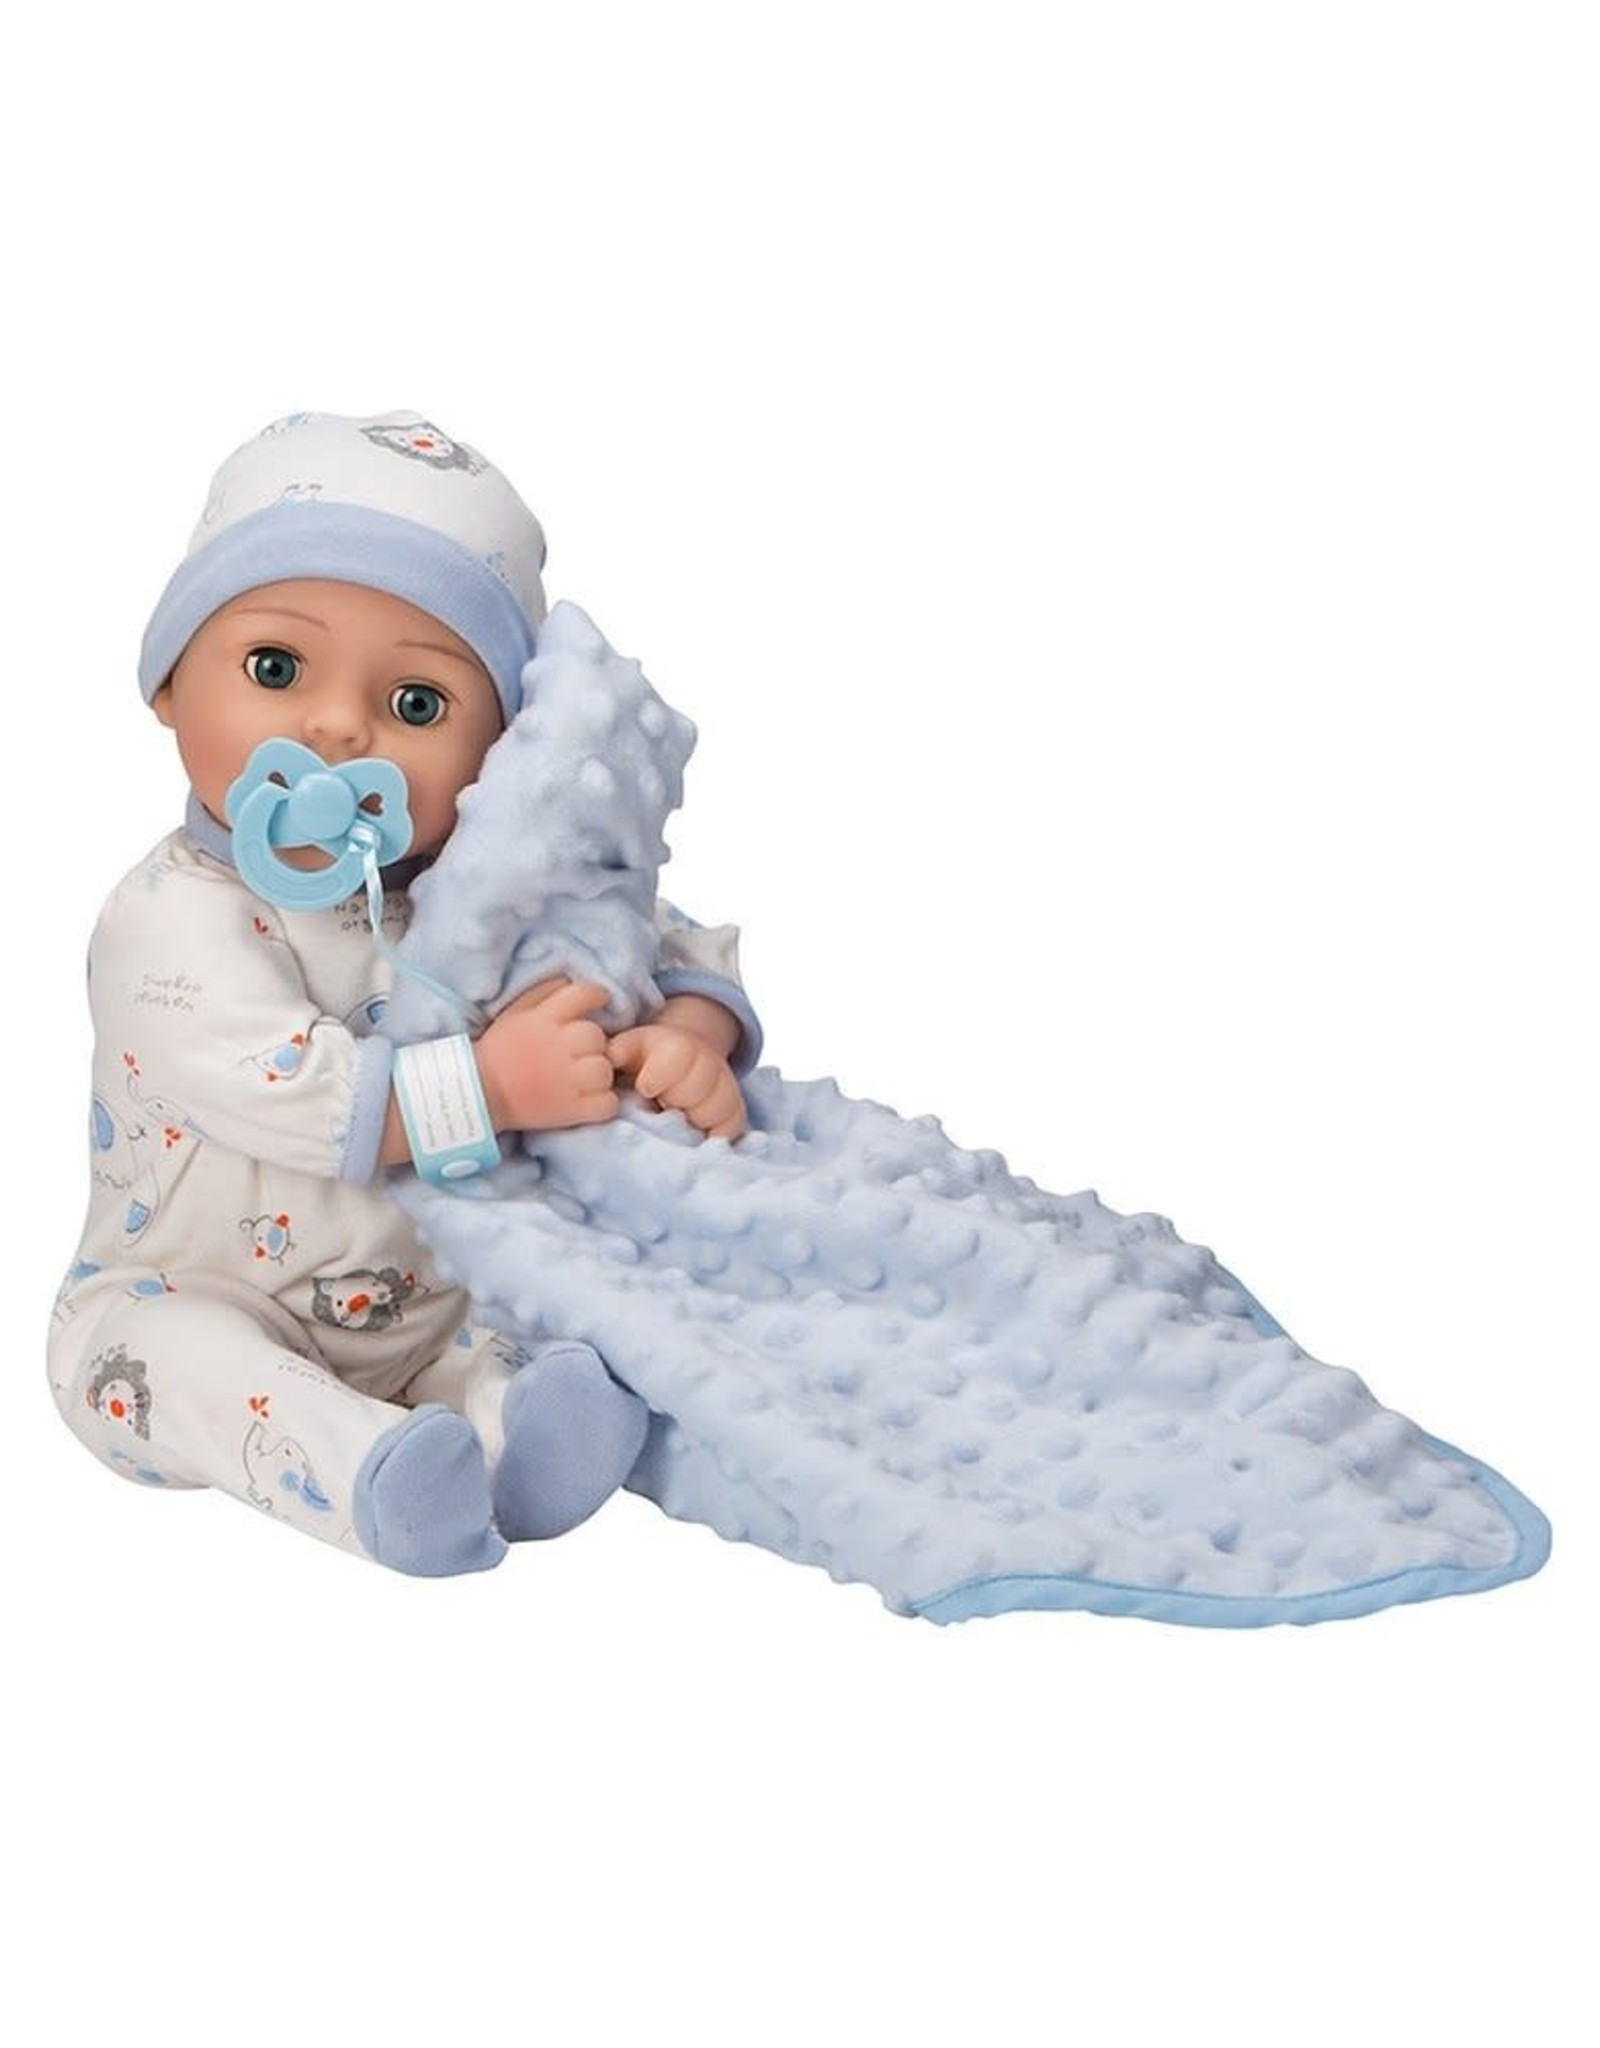 Adora Dolls Adoption Baby - Handsome